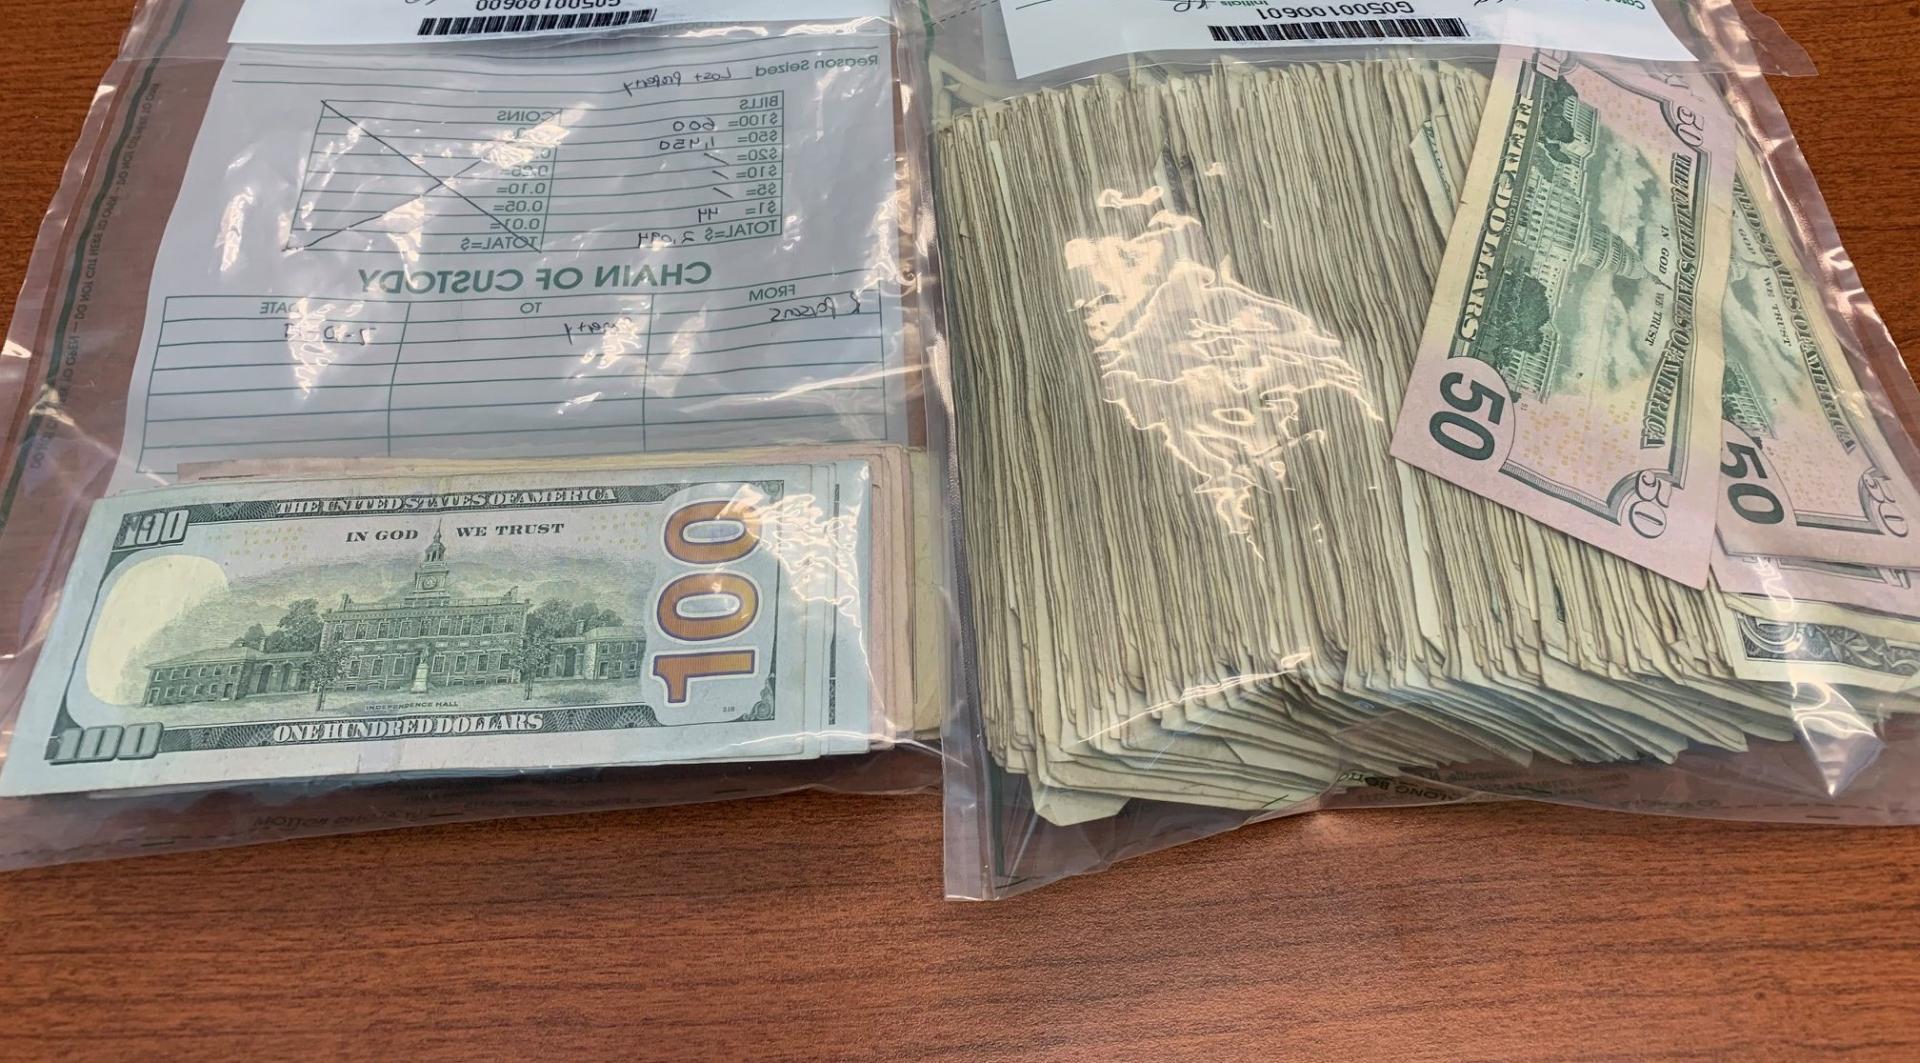 geldwagen verliest 175.000 dollar